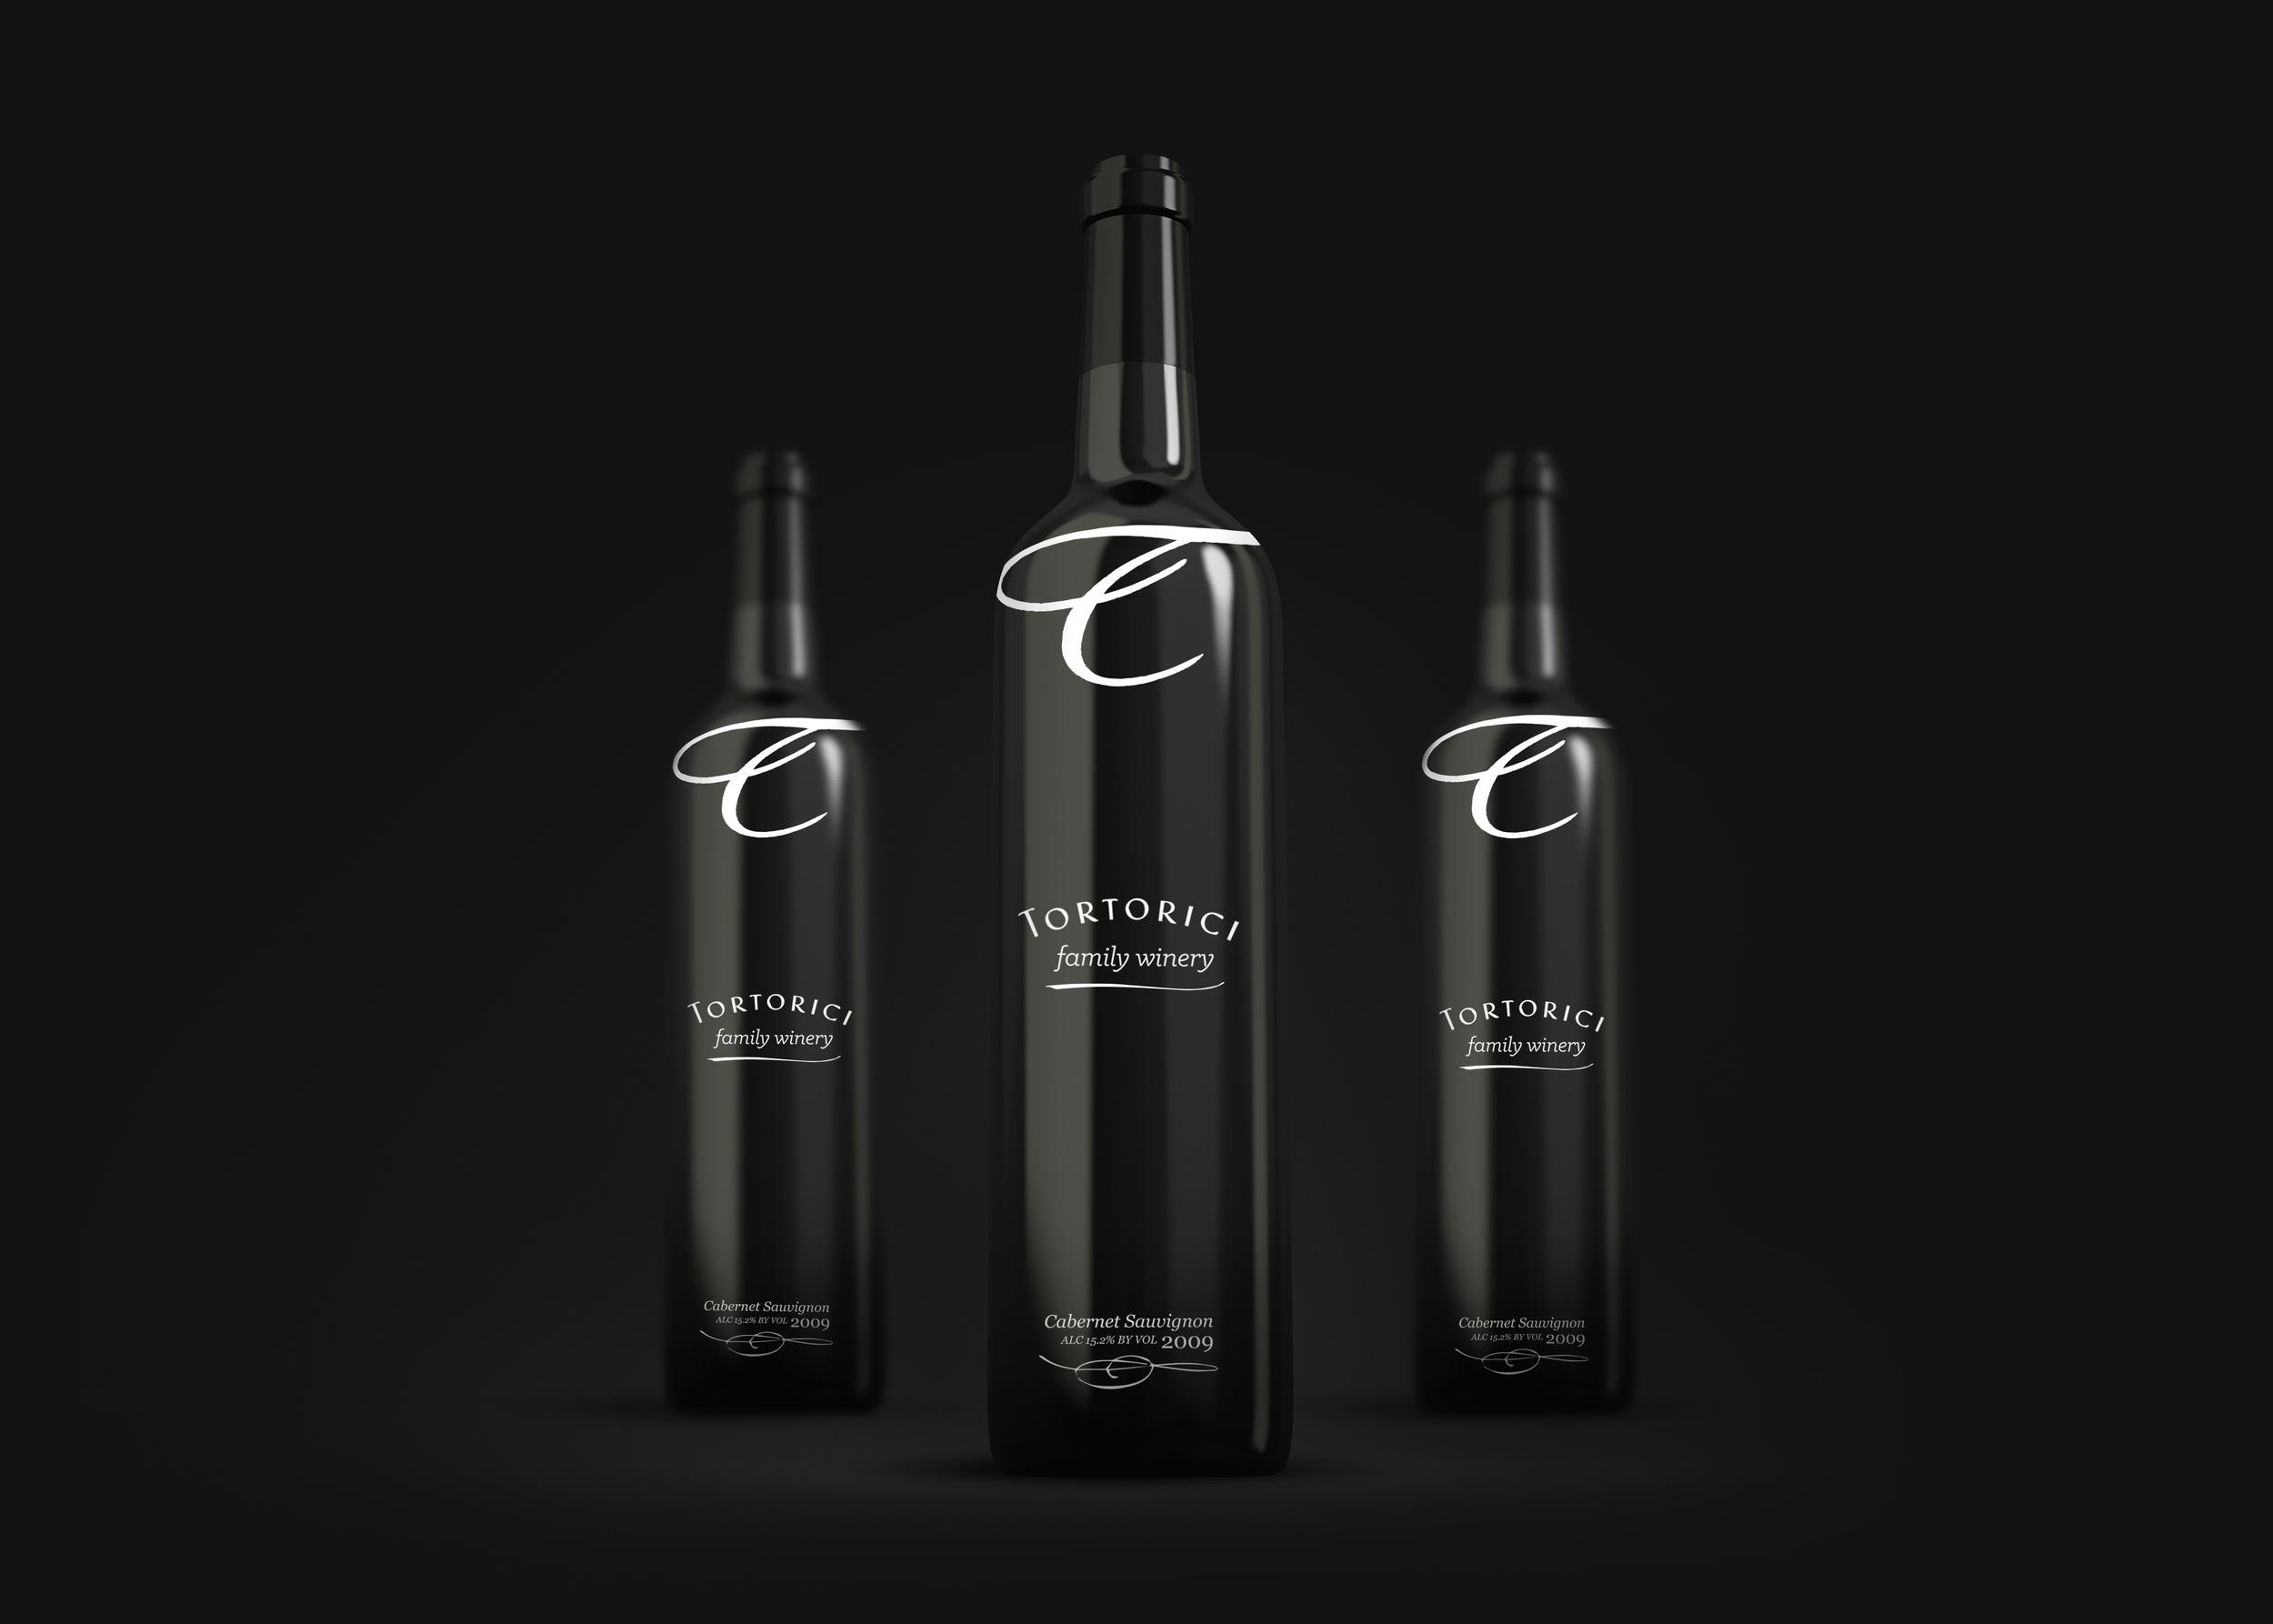 mockup_black_3_bottles.jpg